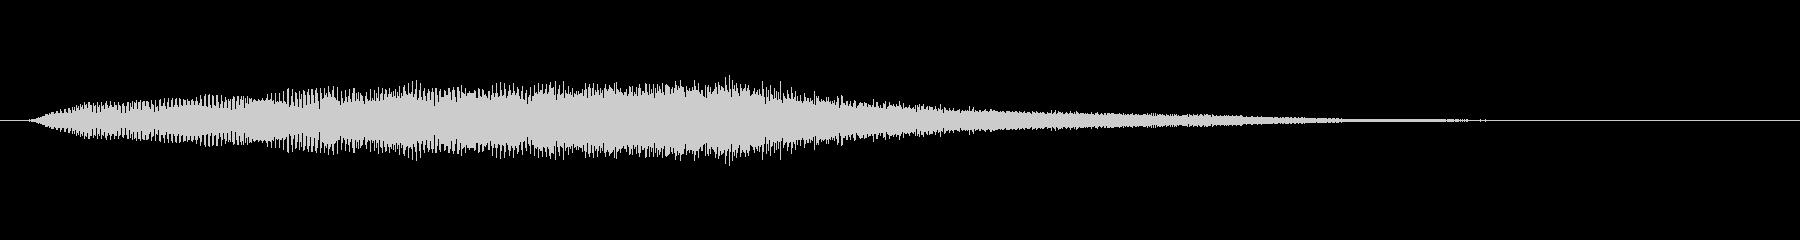 パッド エイティーズフィフスショート02の未再生の波形